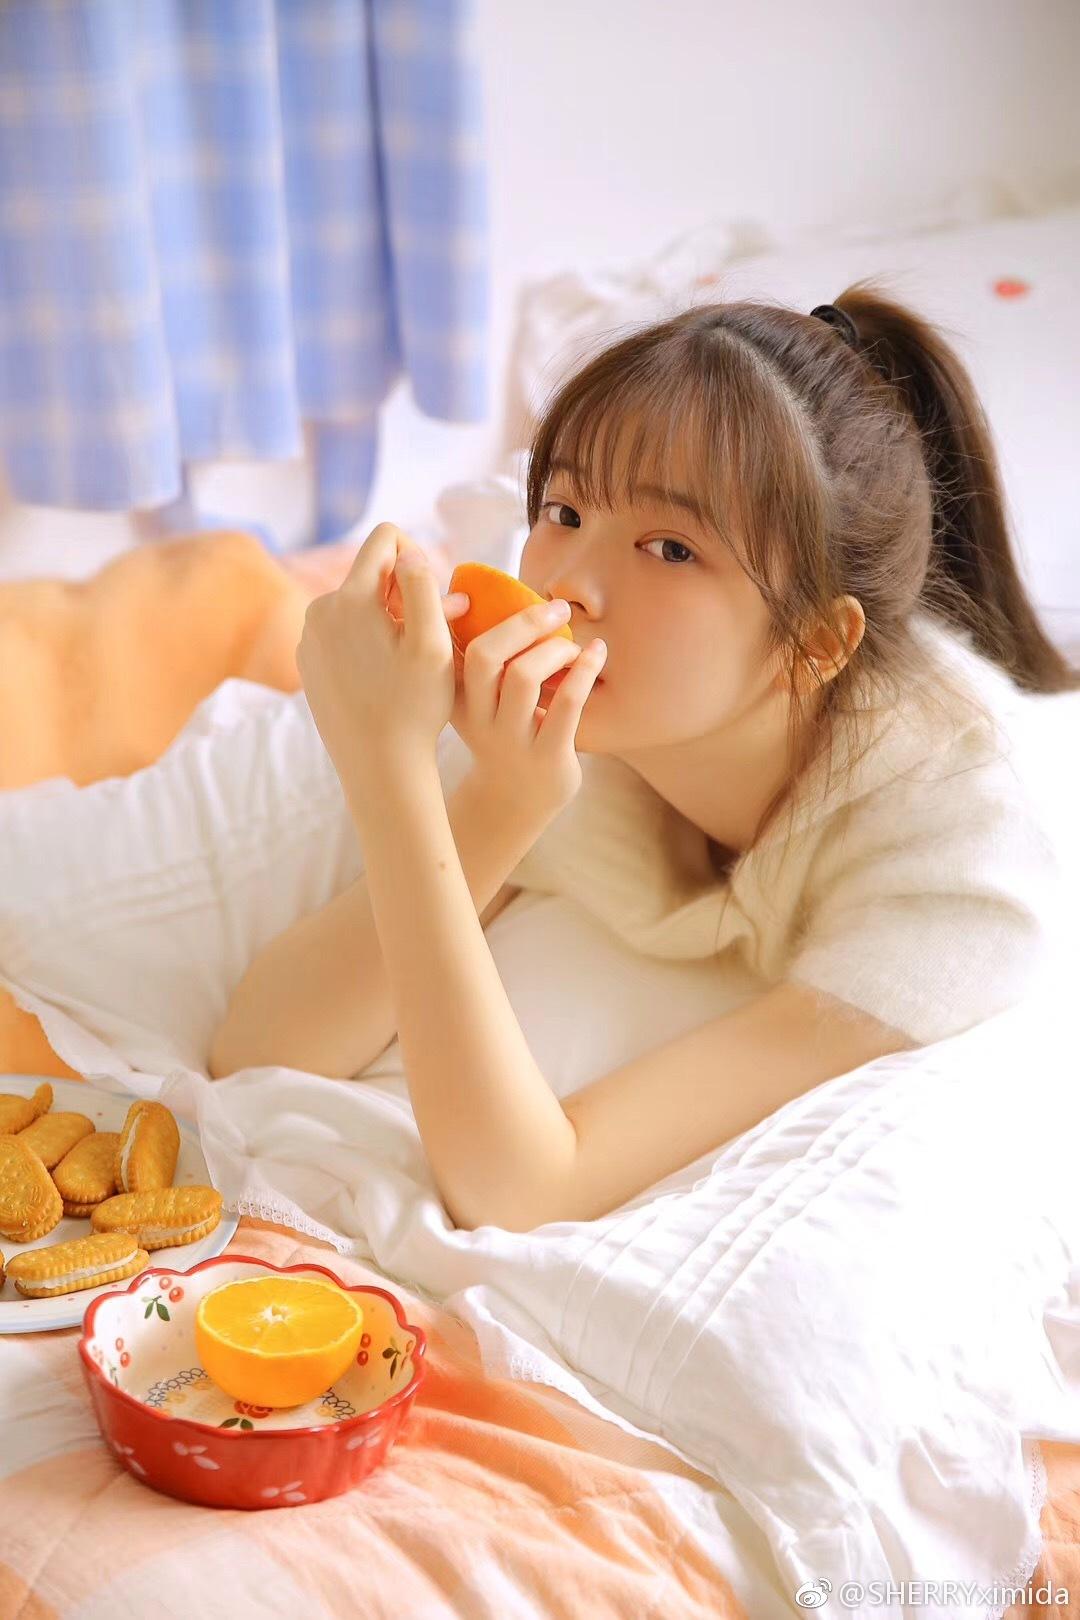 蜜桃味的女孩子